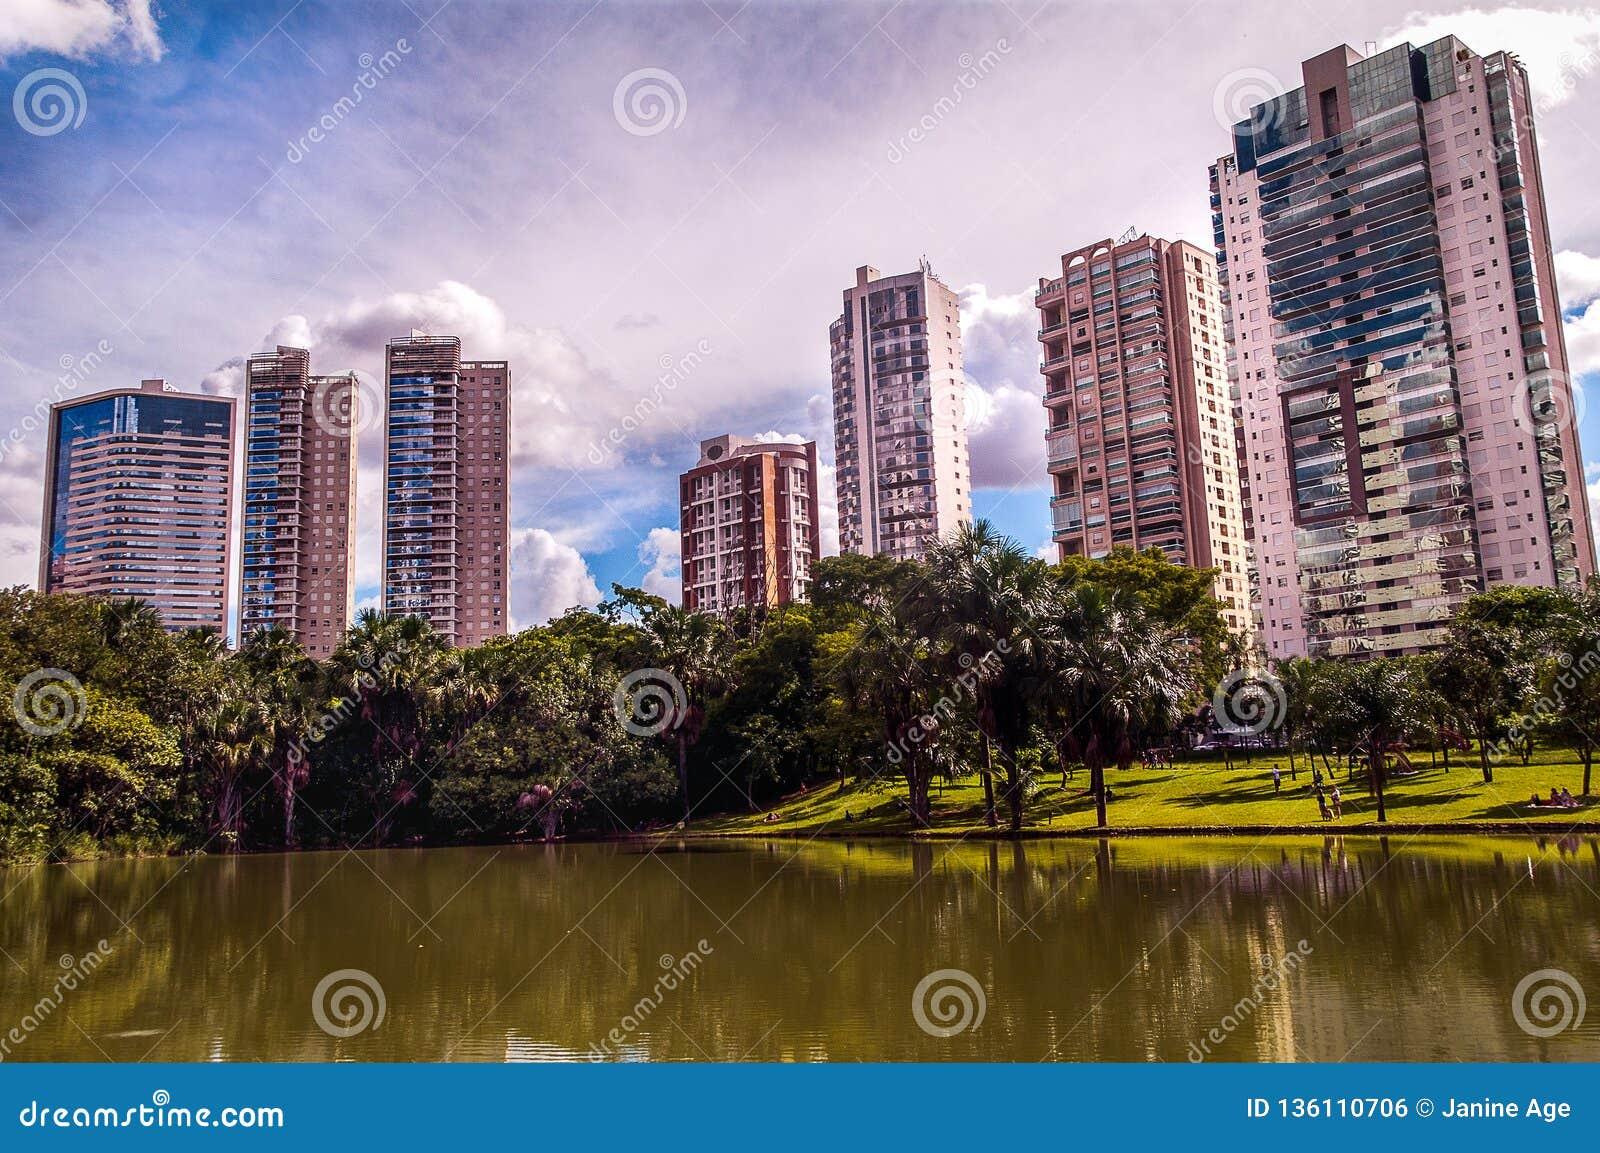 Vista de la ciudad, edificio moderno entre el cielo y un lago